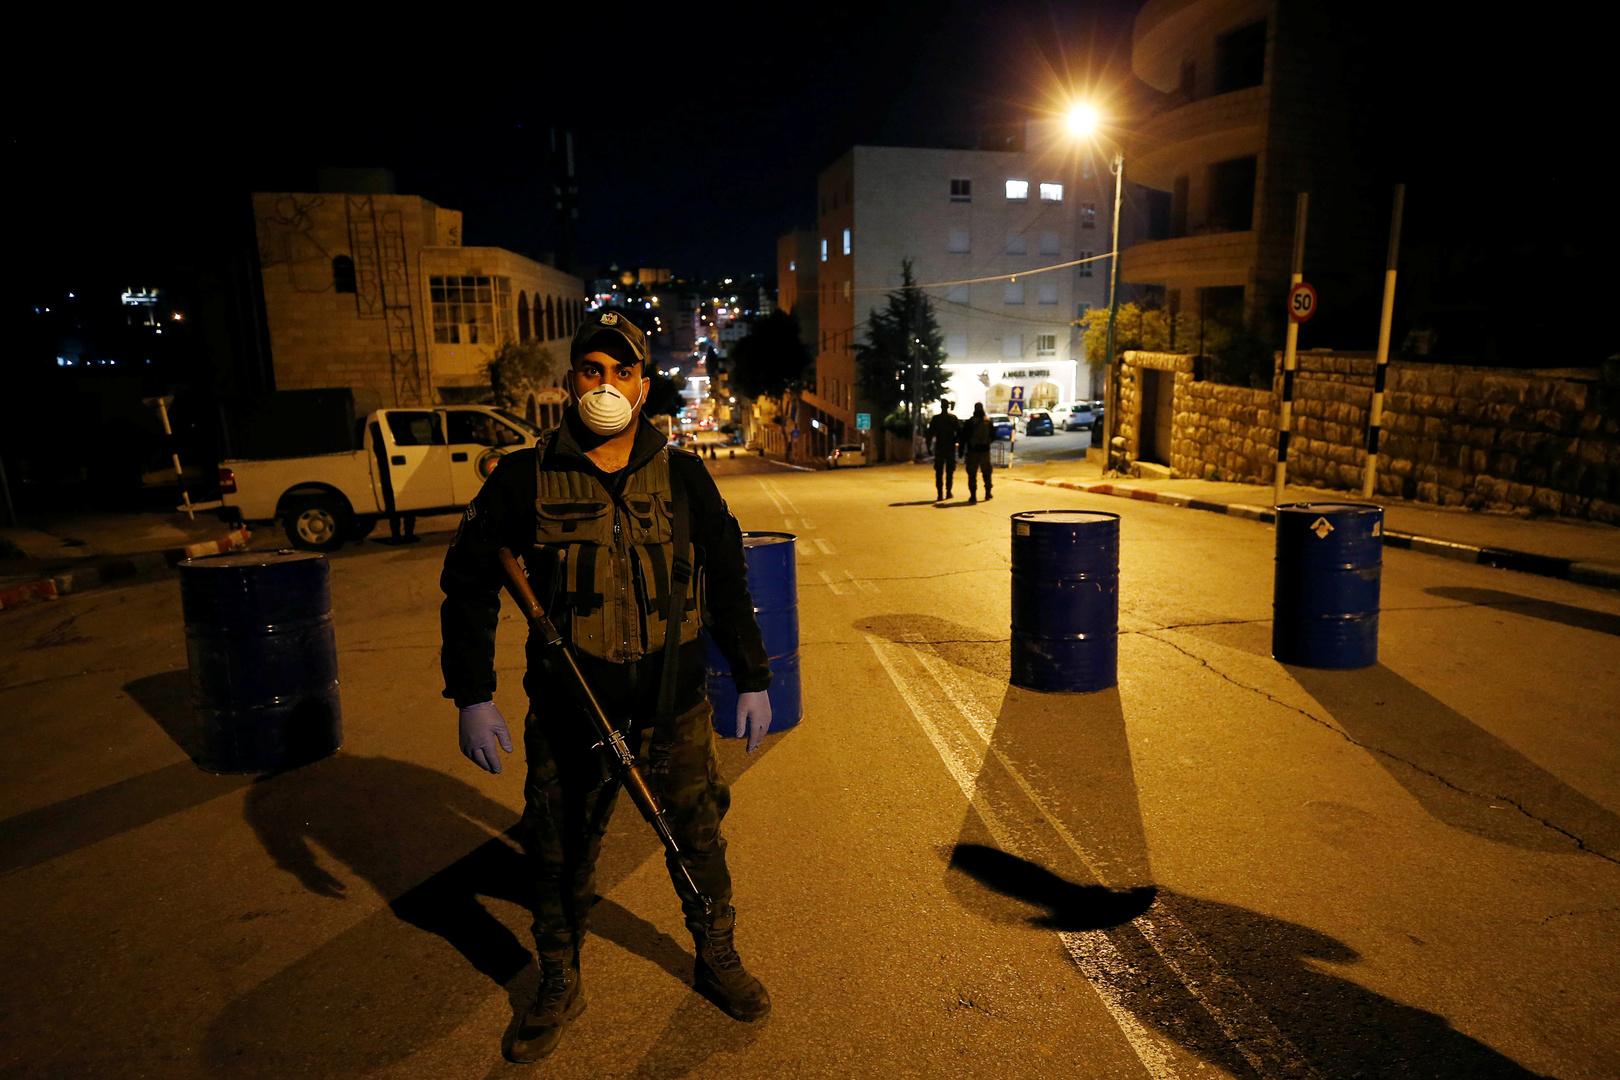 3 قتلى بينهم عنصري أمن فلسطينيين باشتباك مسلح مع قوات خاصة إسرائيلية في جنين